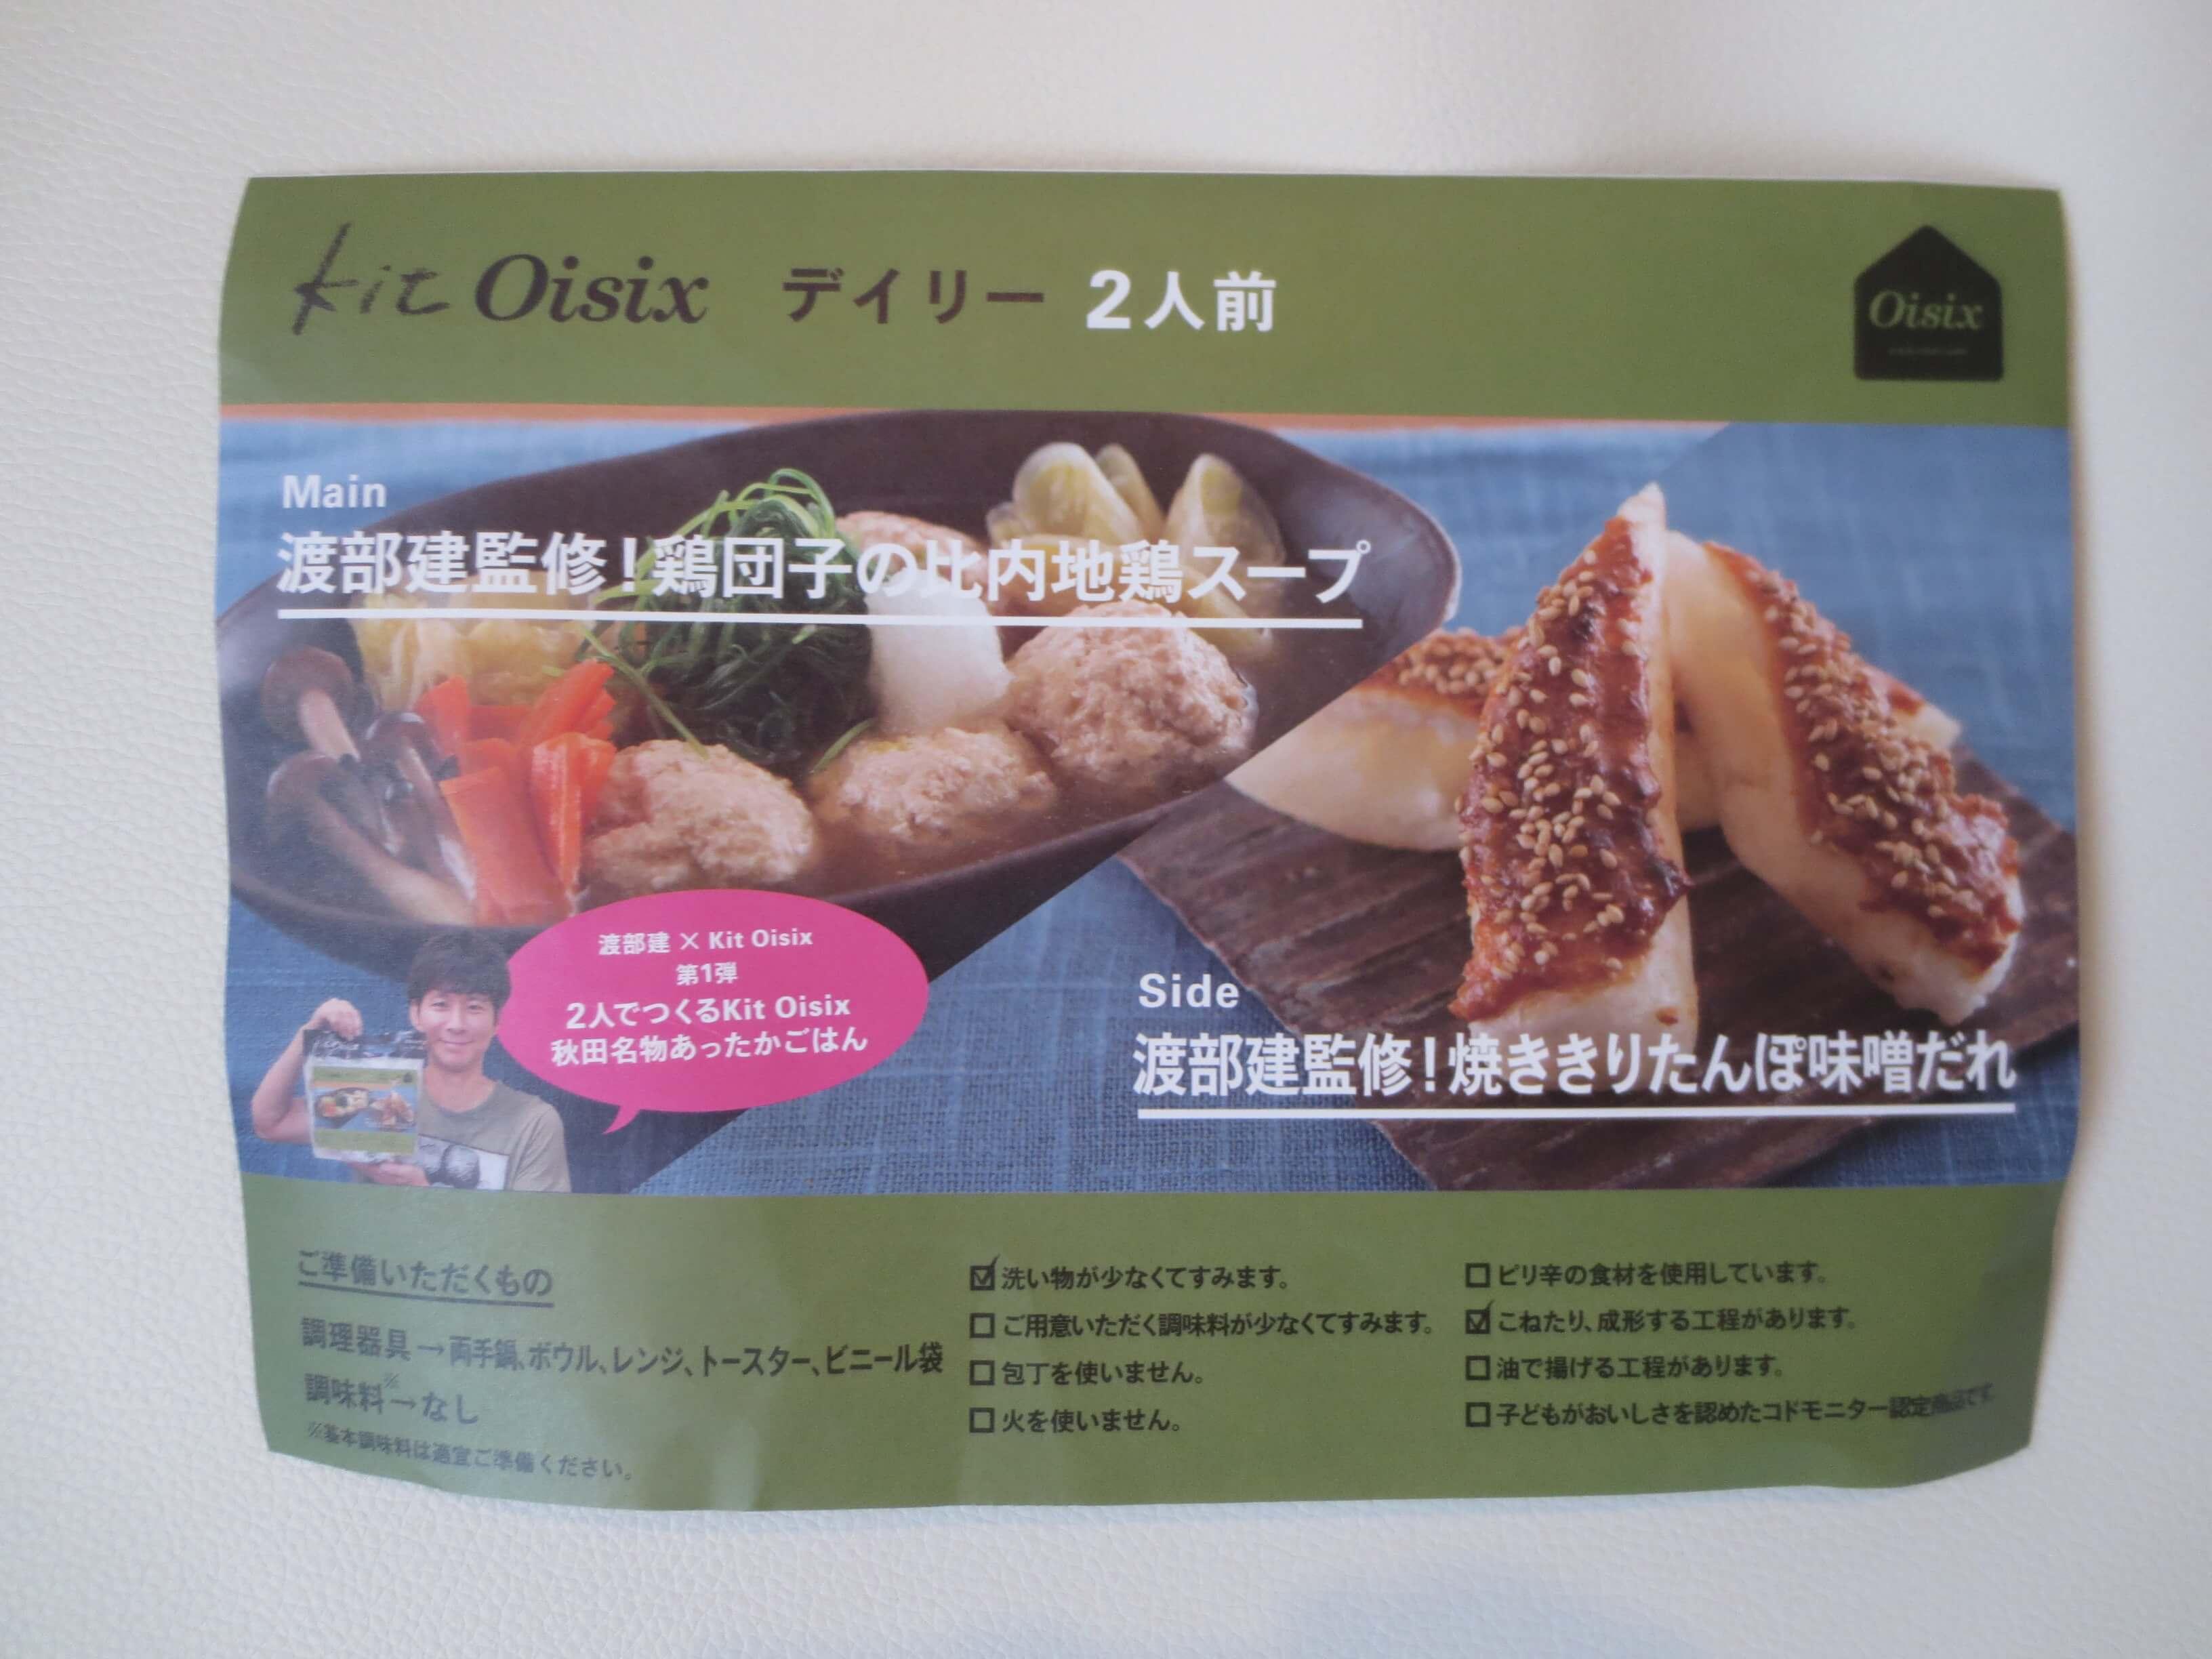 キットオイシックス・渡部健・口コミ・評判4